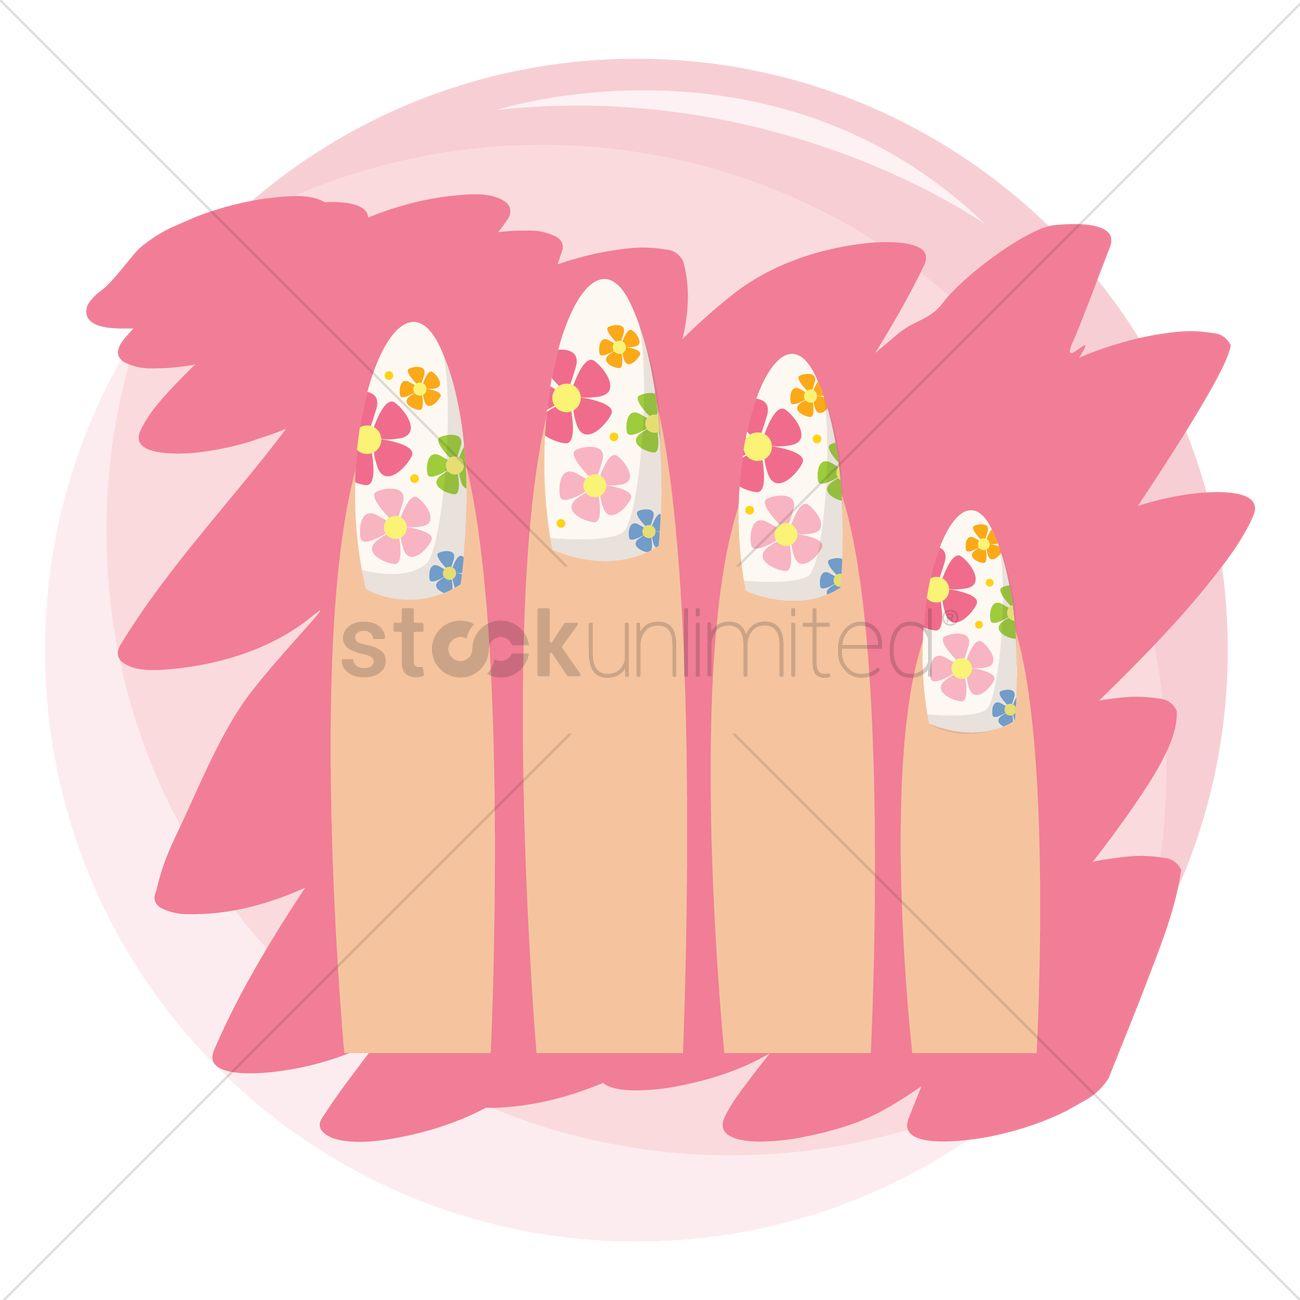 Free Nail Art Vector Image 1274618 Stockunlimited